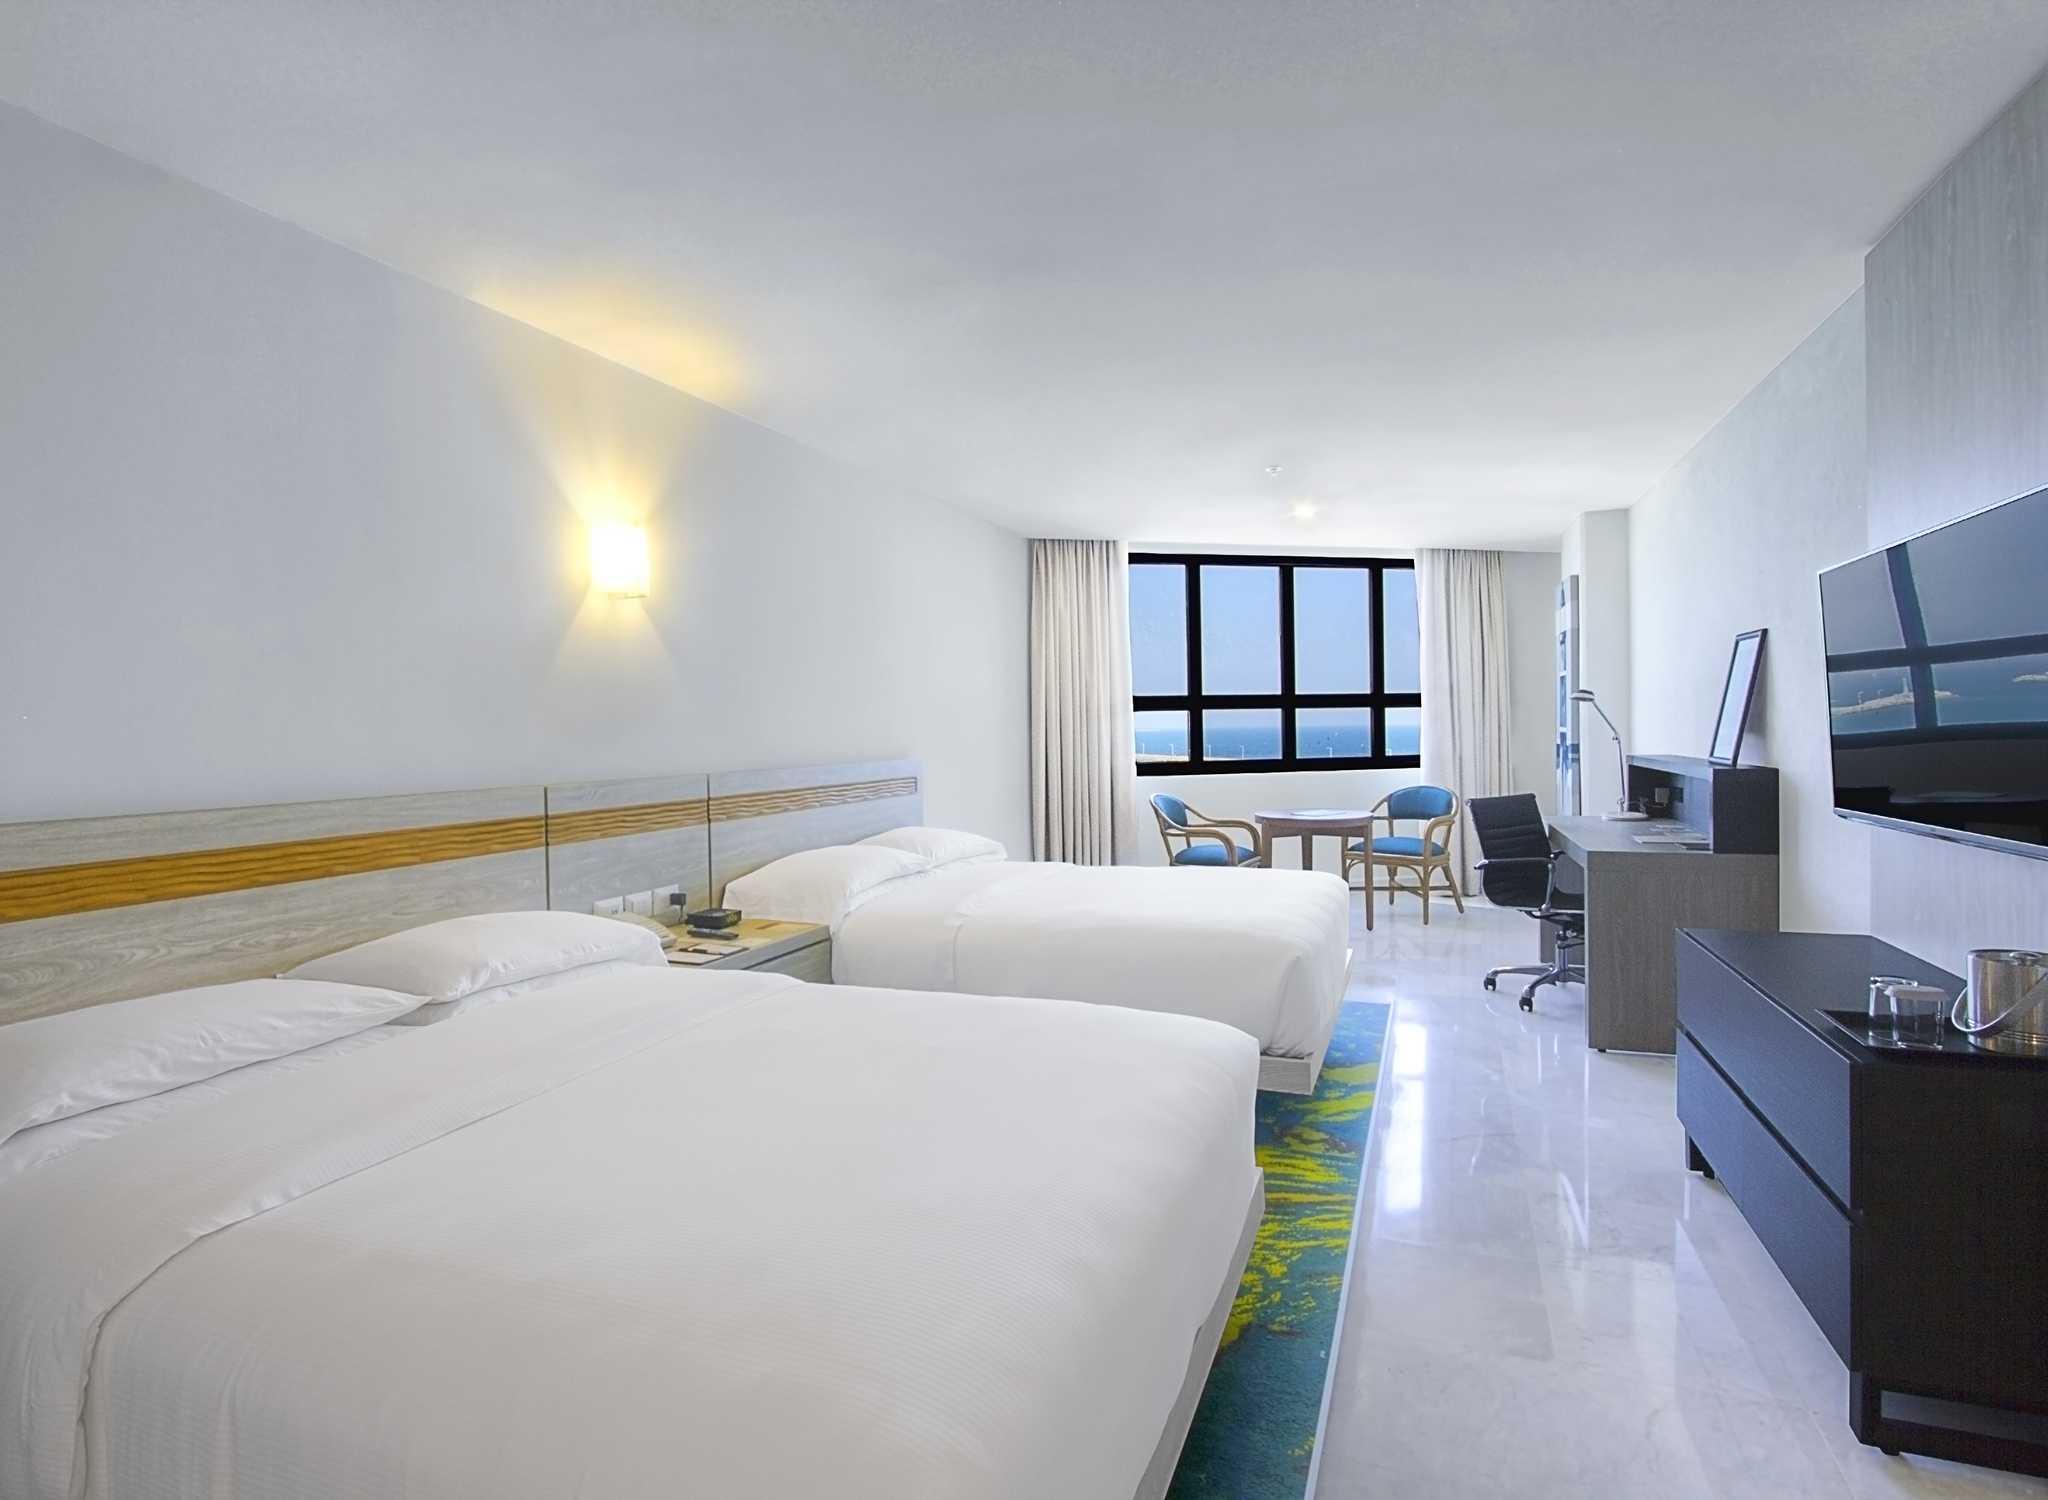 interior del hotel DoubleTree by Hilton en Veracruz